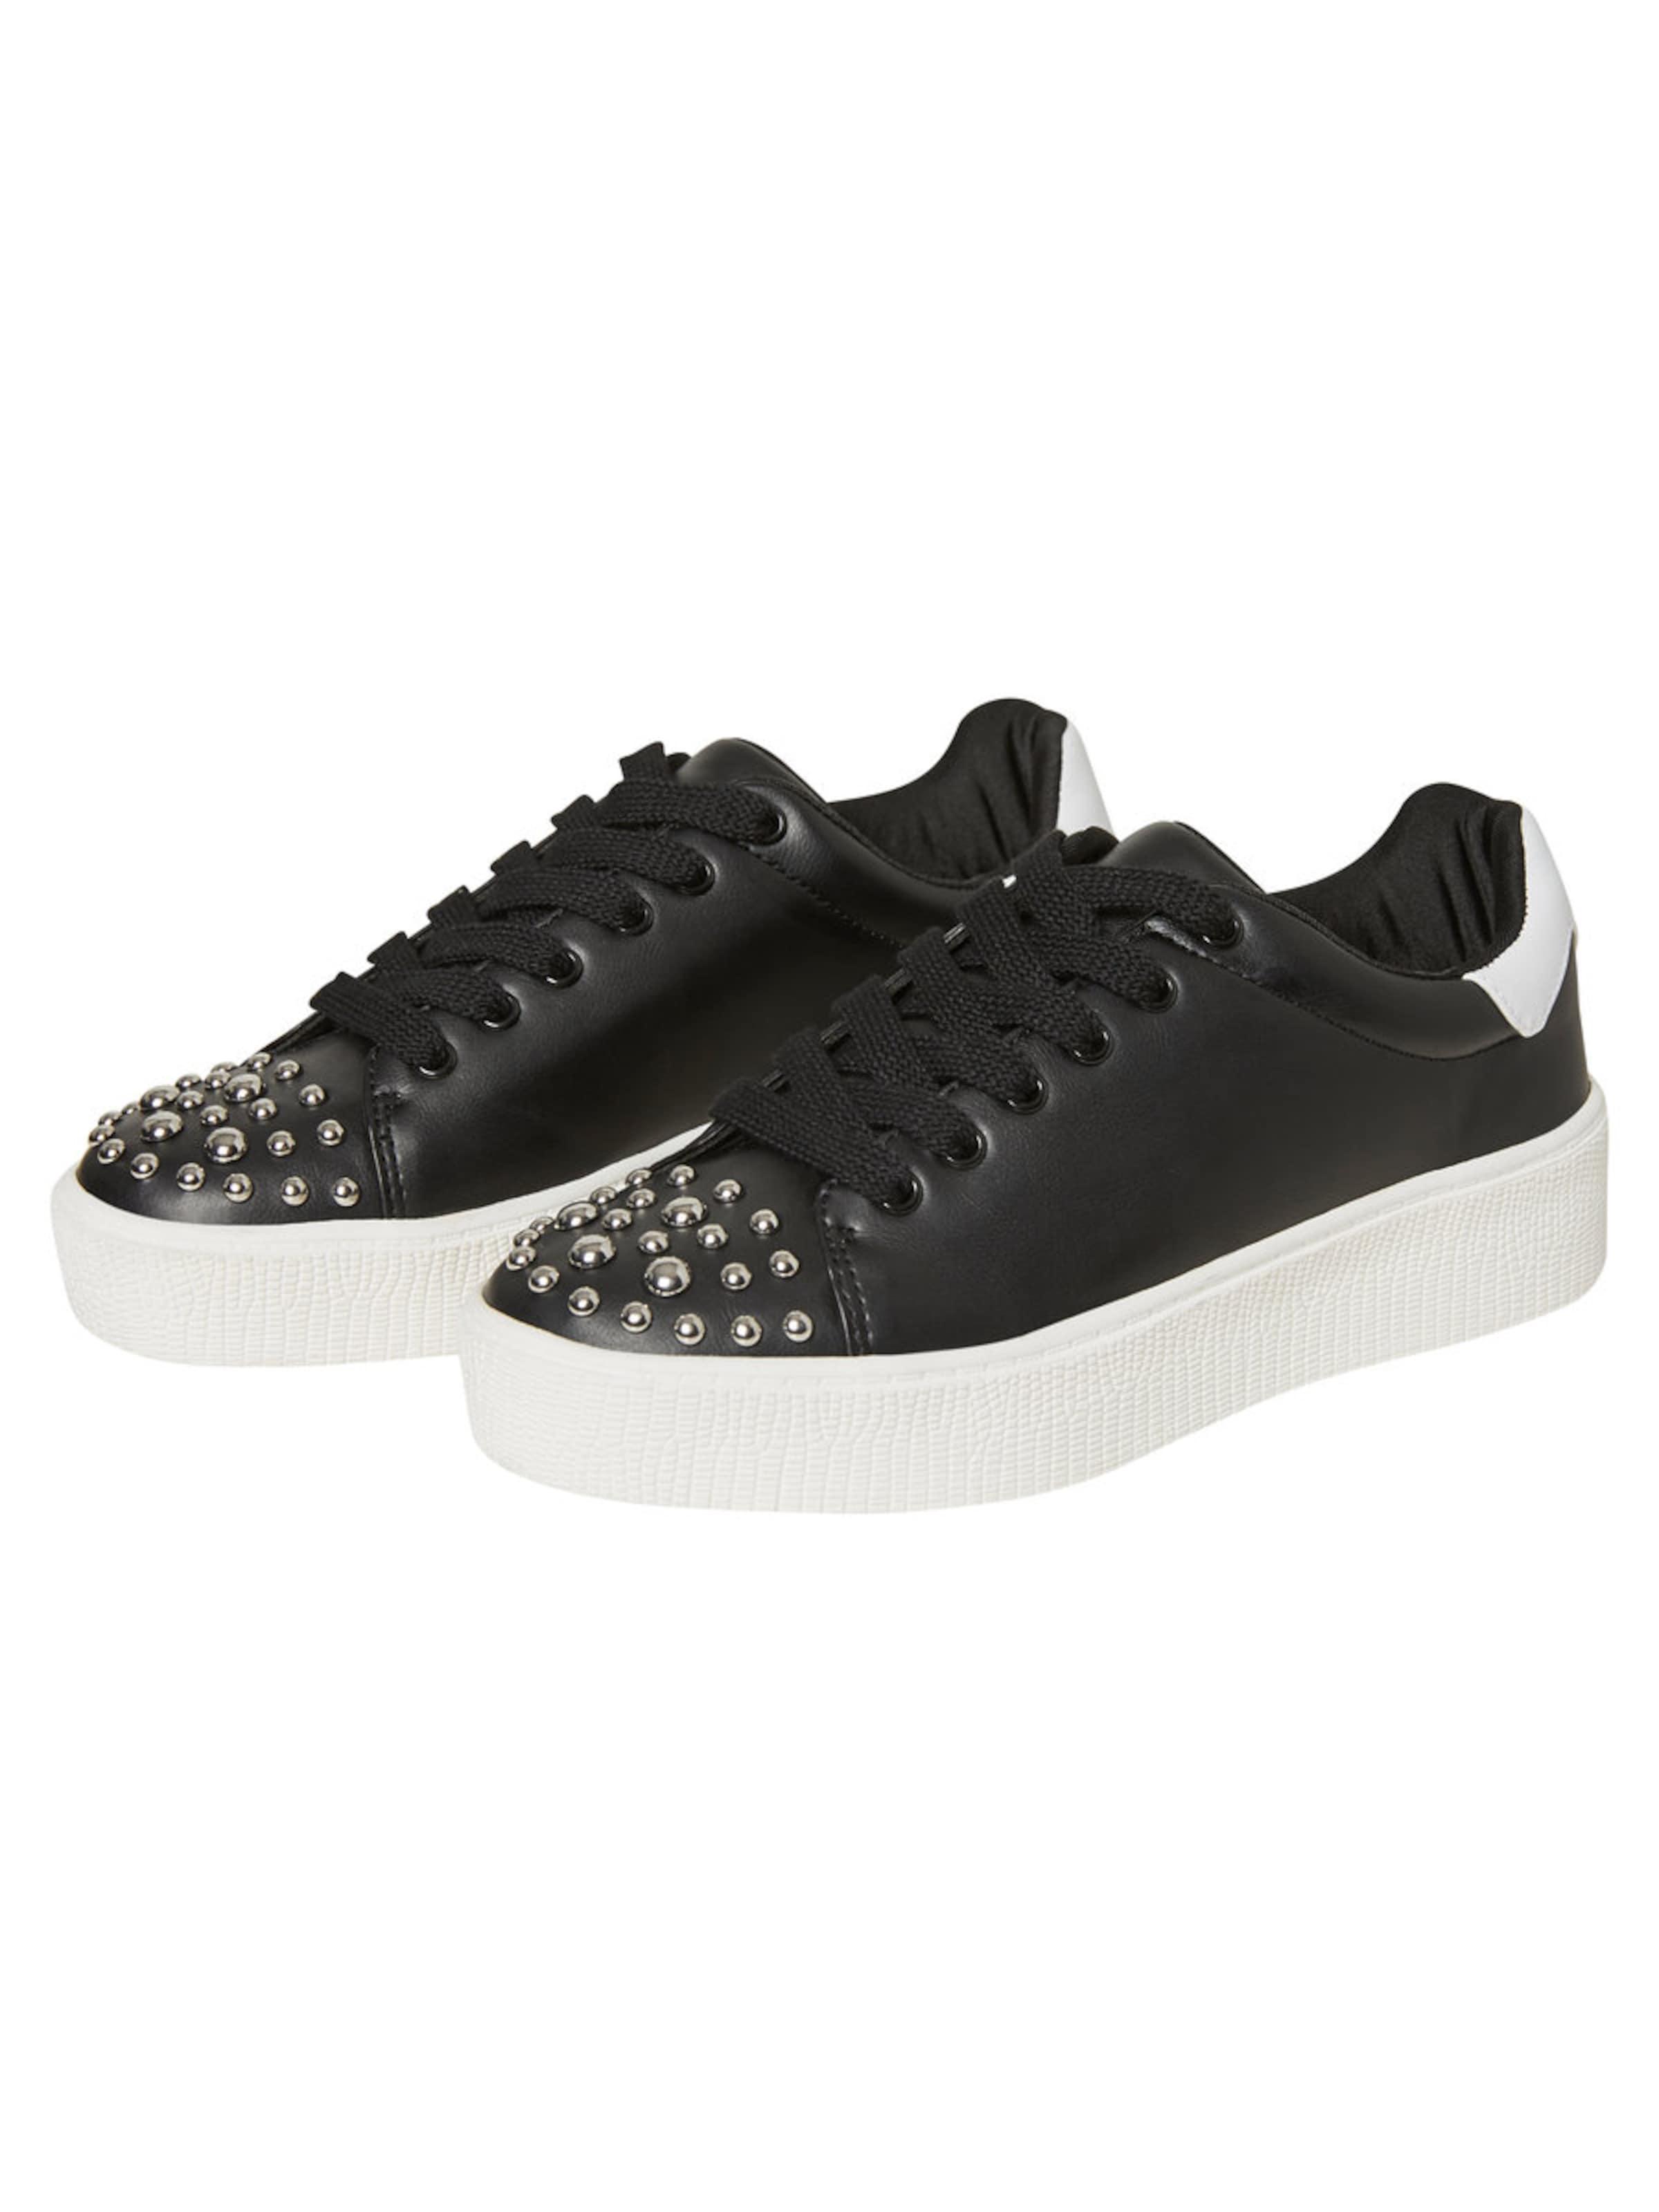 VERO MODA Sneaker Günstige und langlebige Schuhe